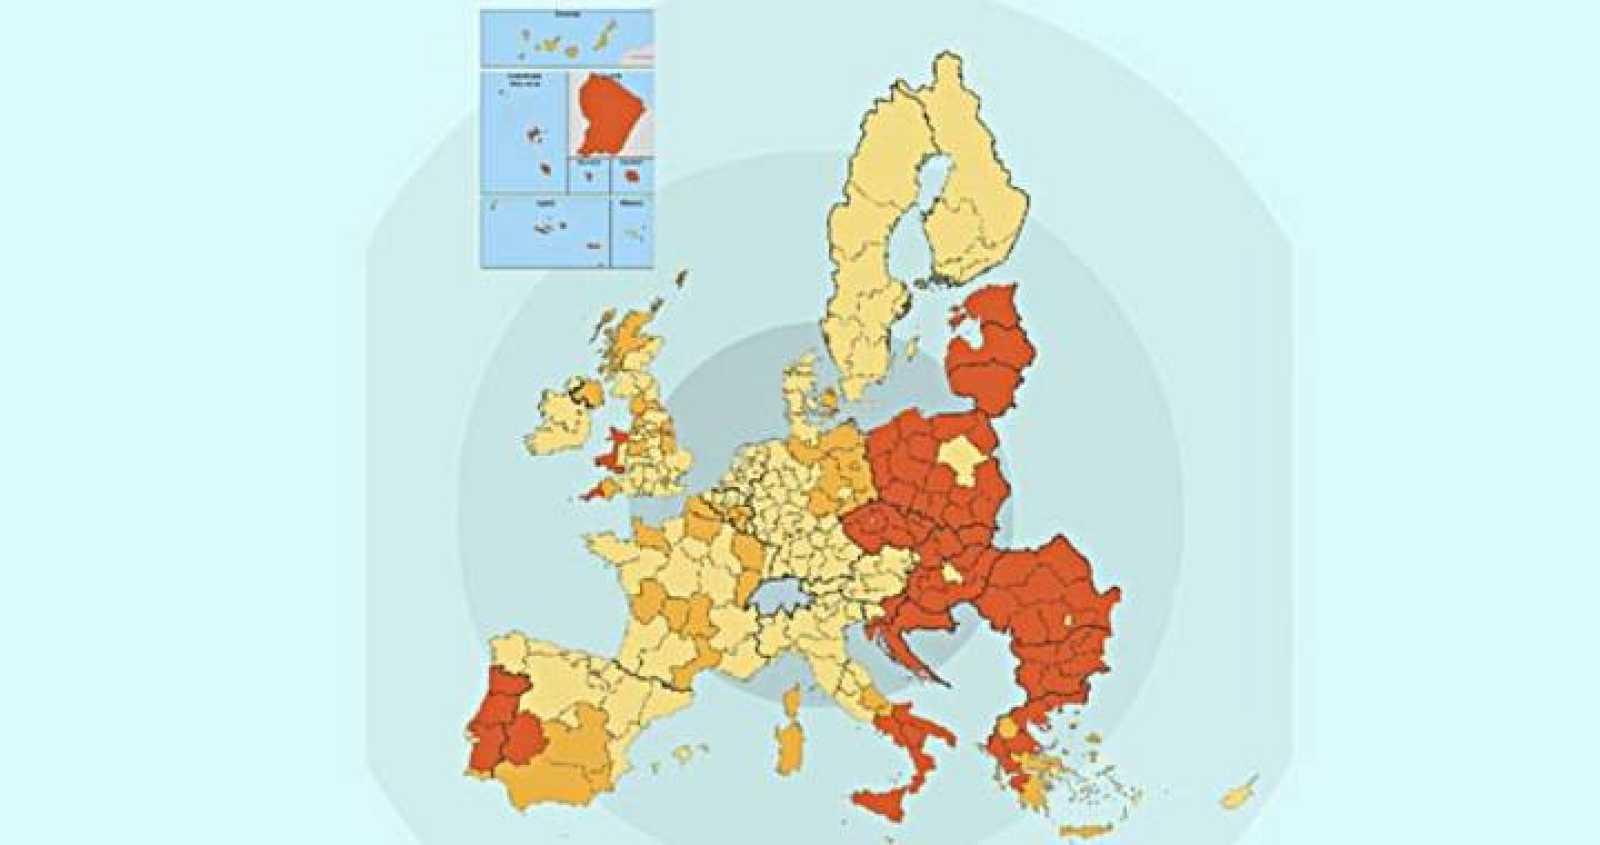 Mapa de ayudas a la inversión por regiones europeas